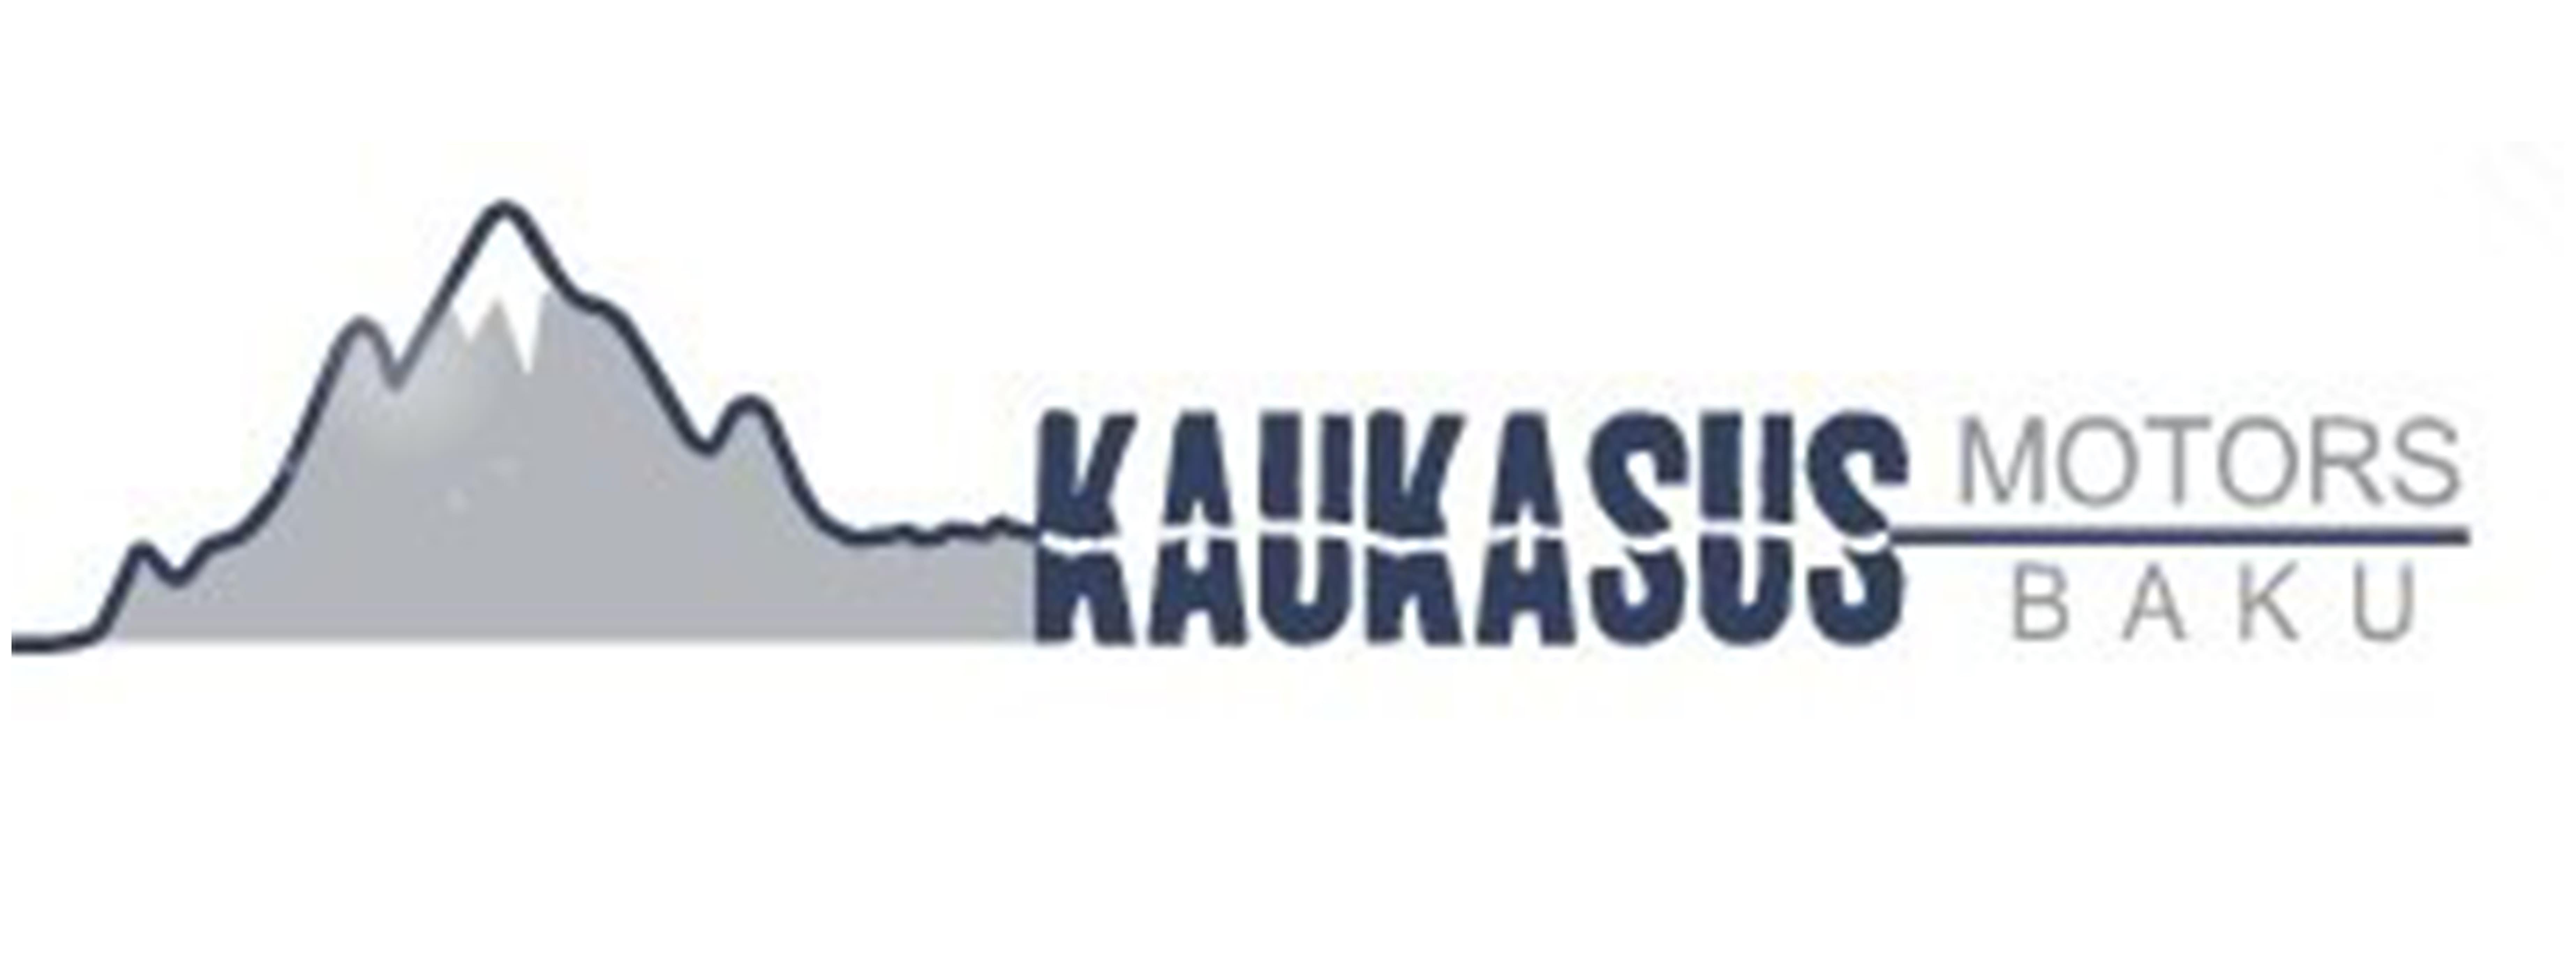 Kaucasus Motors